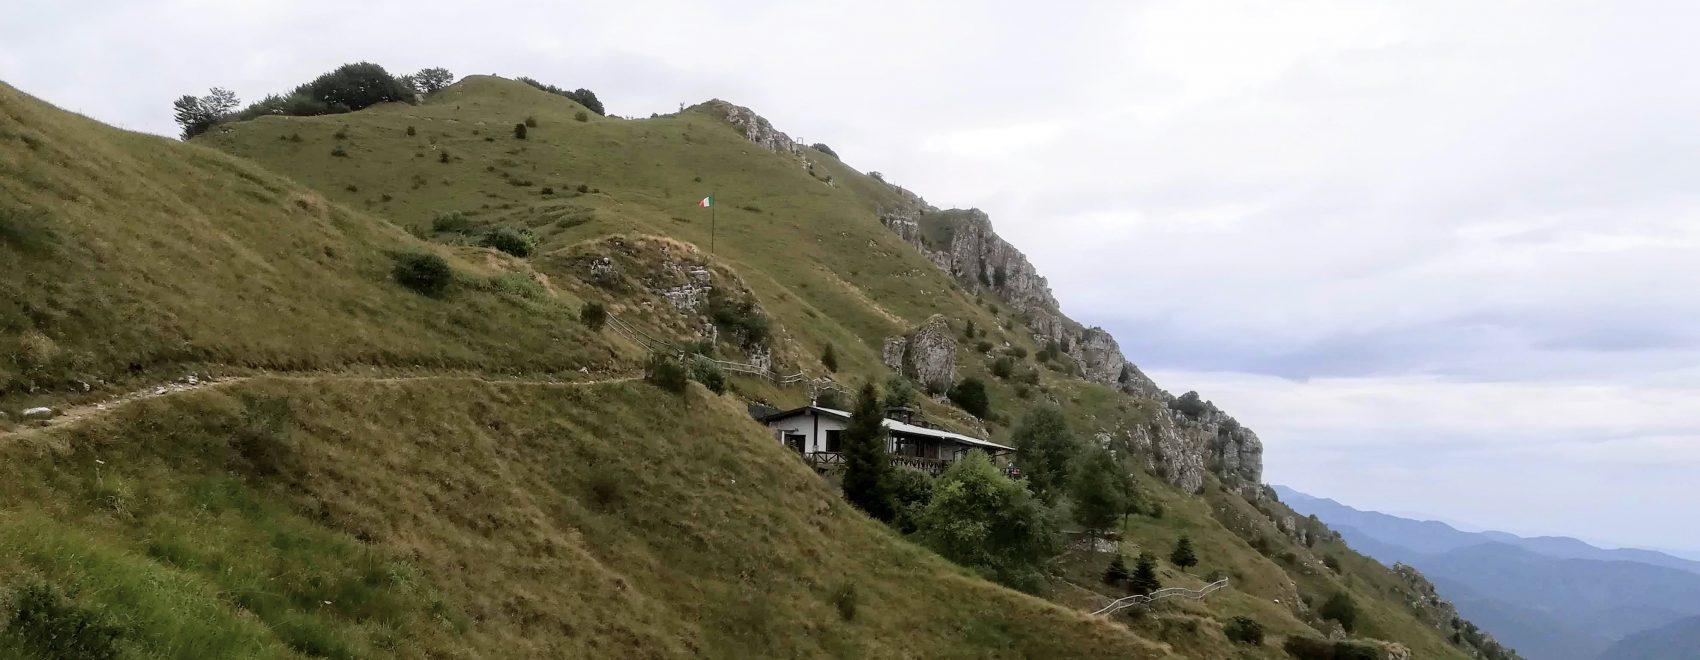 rifugio Nasego alla Corna di Savallo Savallo